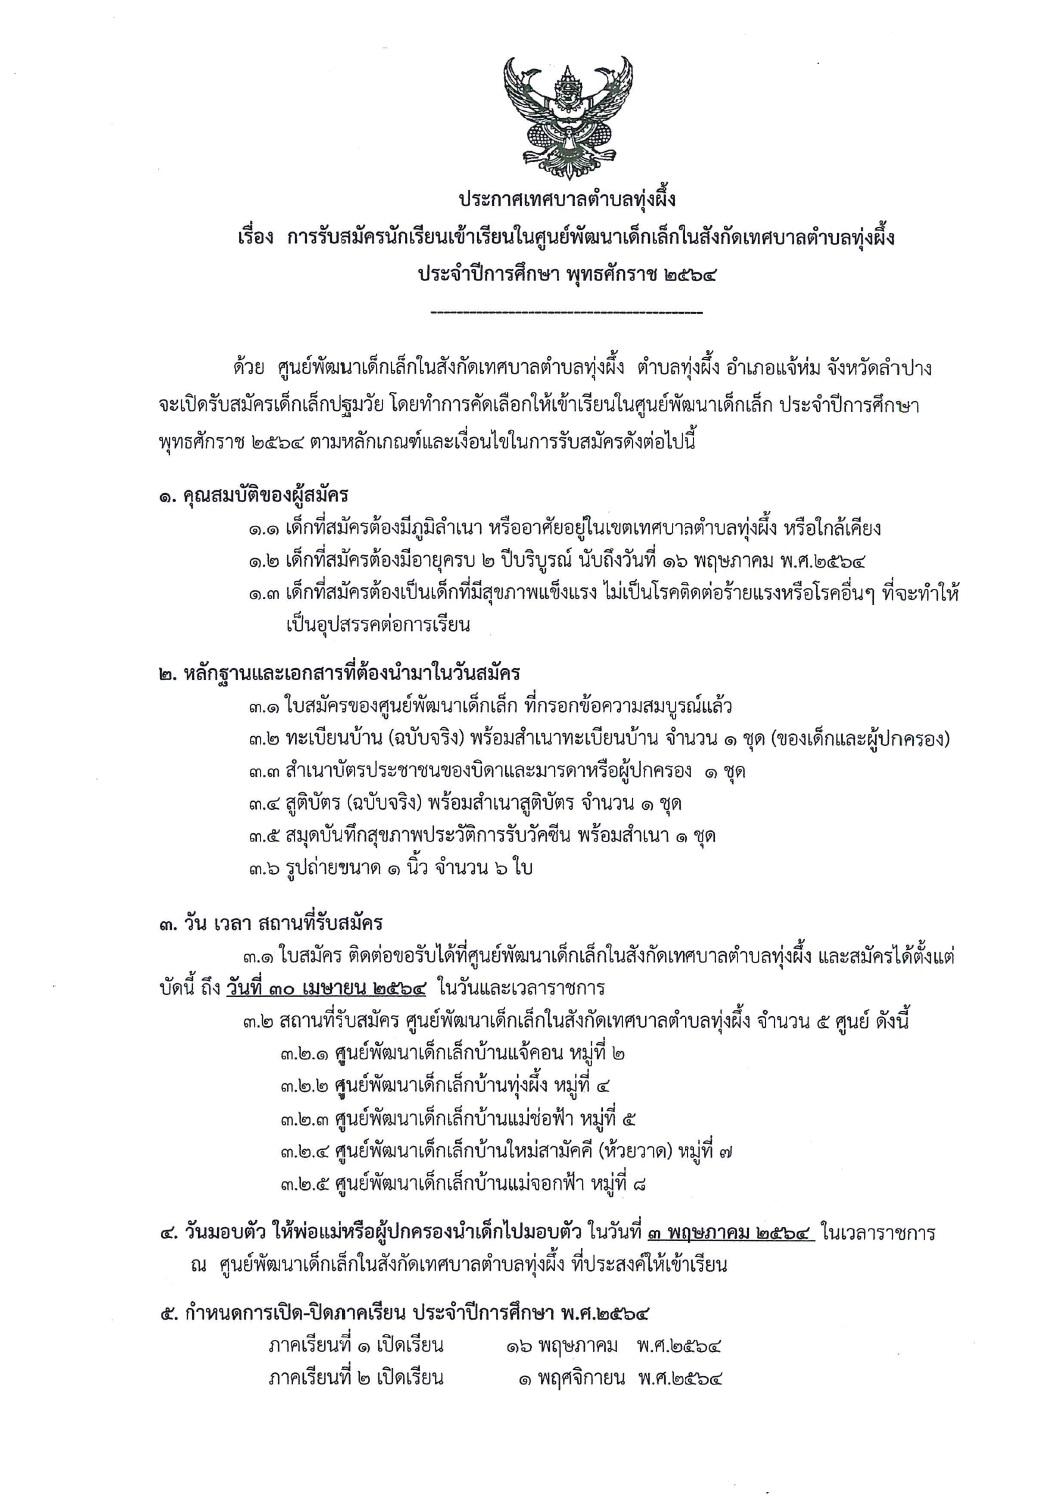 ประกาศเทศบาลตำบลทุ่งผึ้ง  เรื่อง การรับสมัครนักเรียนเข้าเรียนในศูนย์พัฒนาเด็กเล็กในสังกัดเทศบาลตำบลทุ่งผึ้ง ประจำปีการศึกษา พุทธศักราช 2564